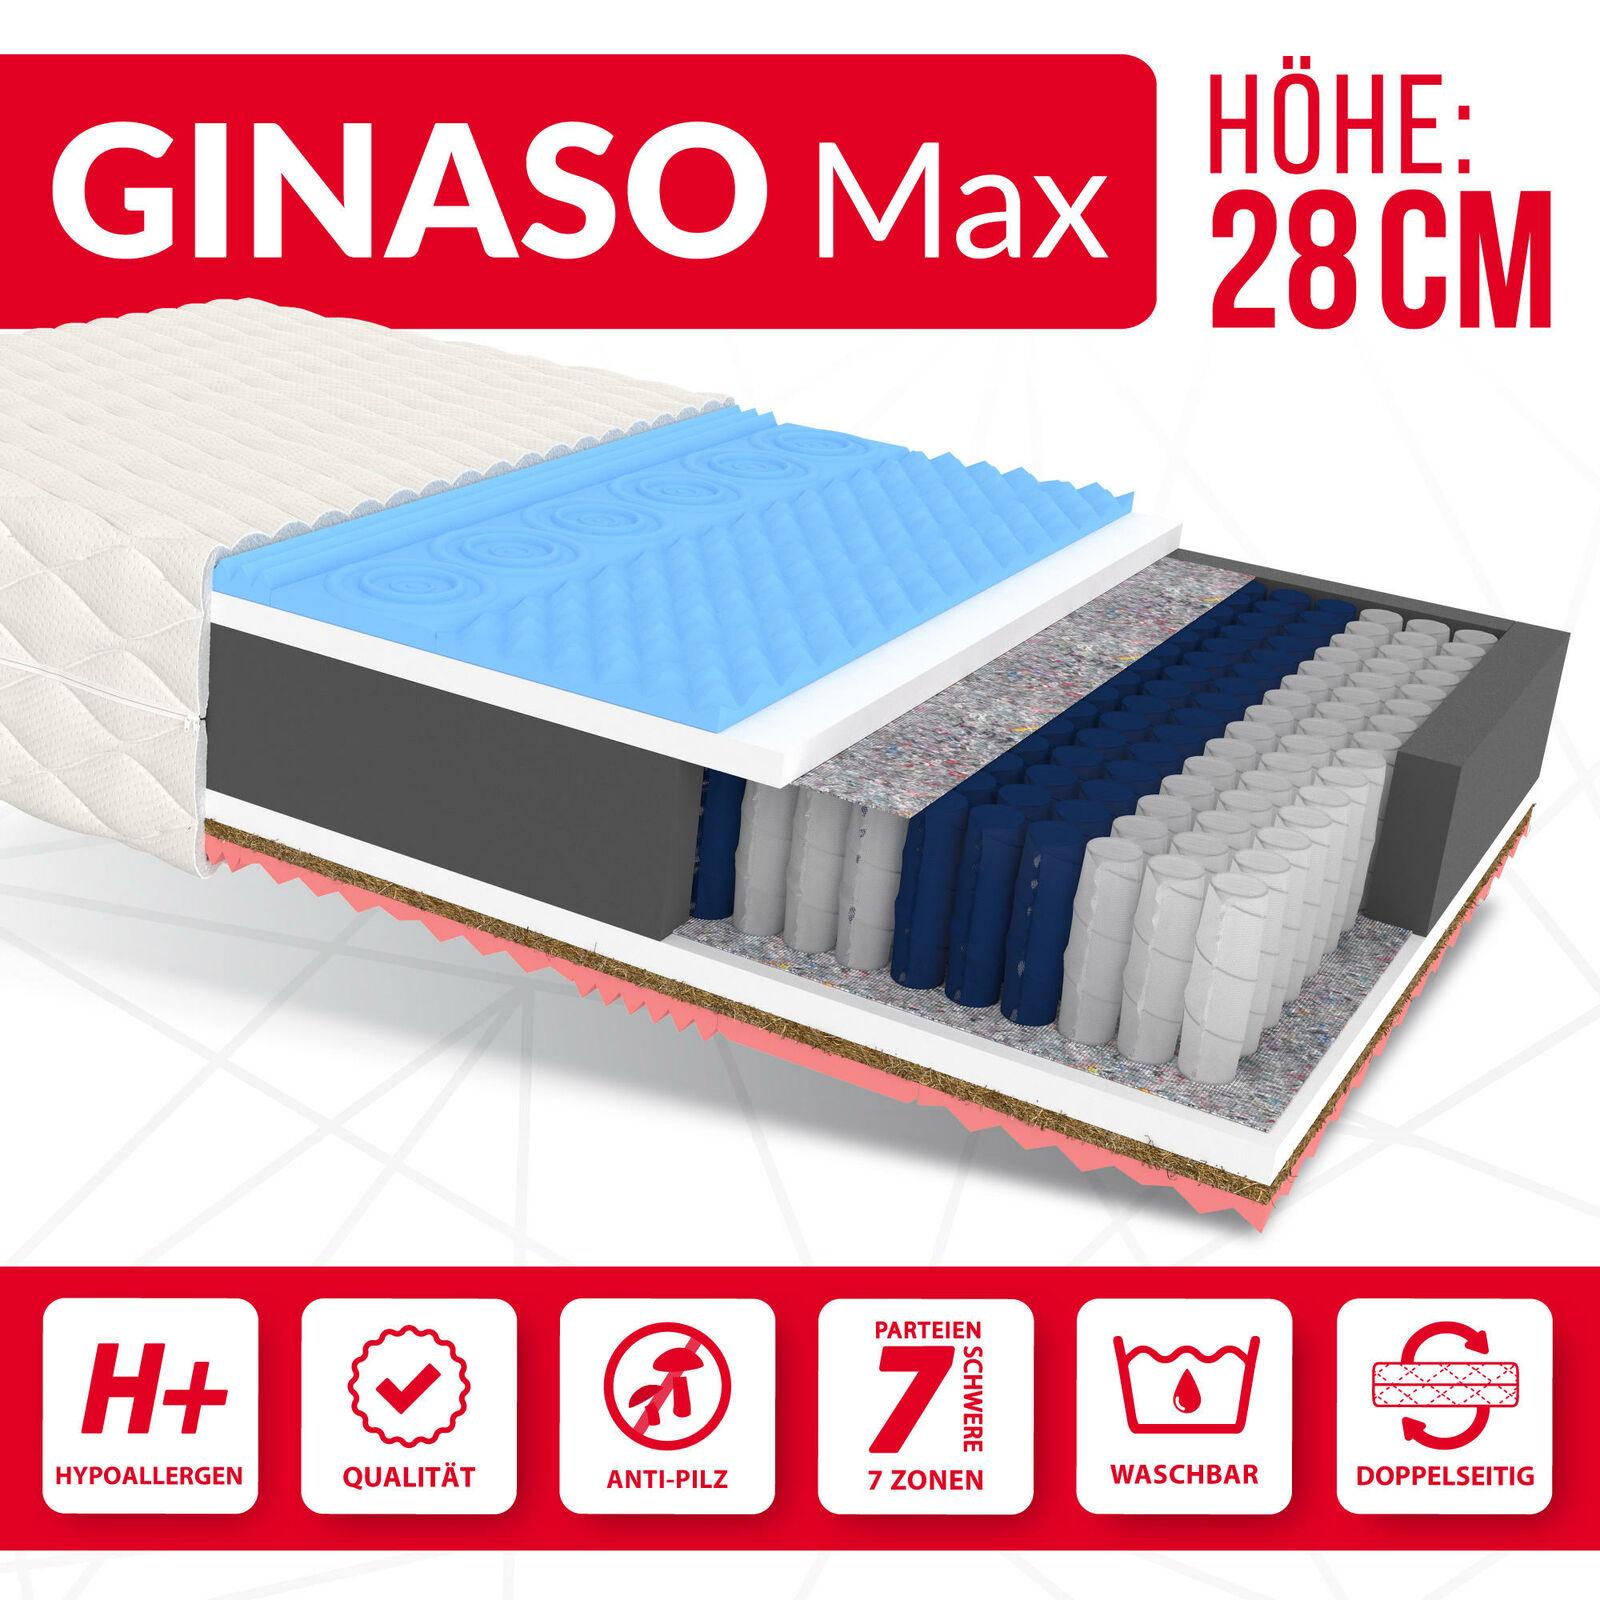 Matratze 120x200 Taschenfederkern GINASO MAX H2 H3 7 Zonen Visco HR 28 cm JERSEY